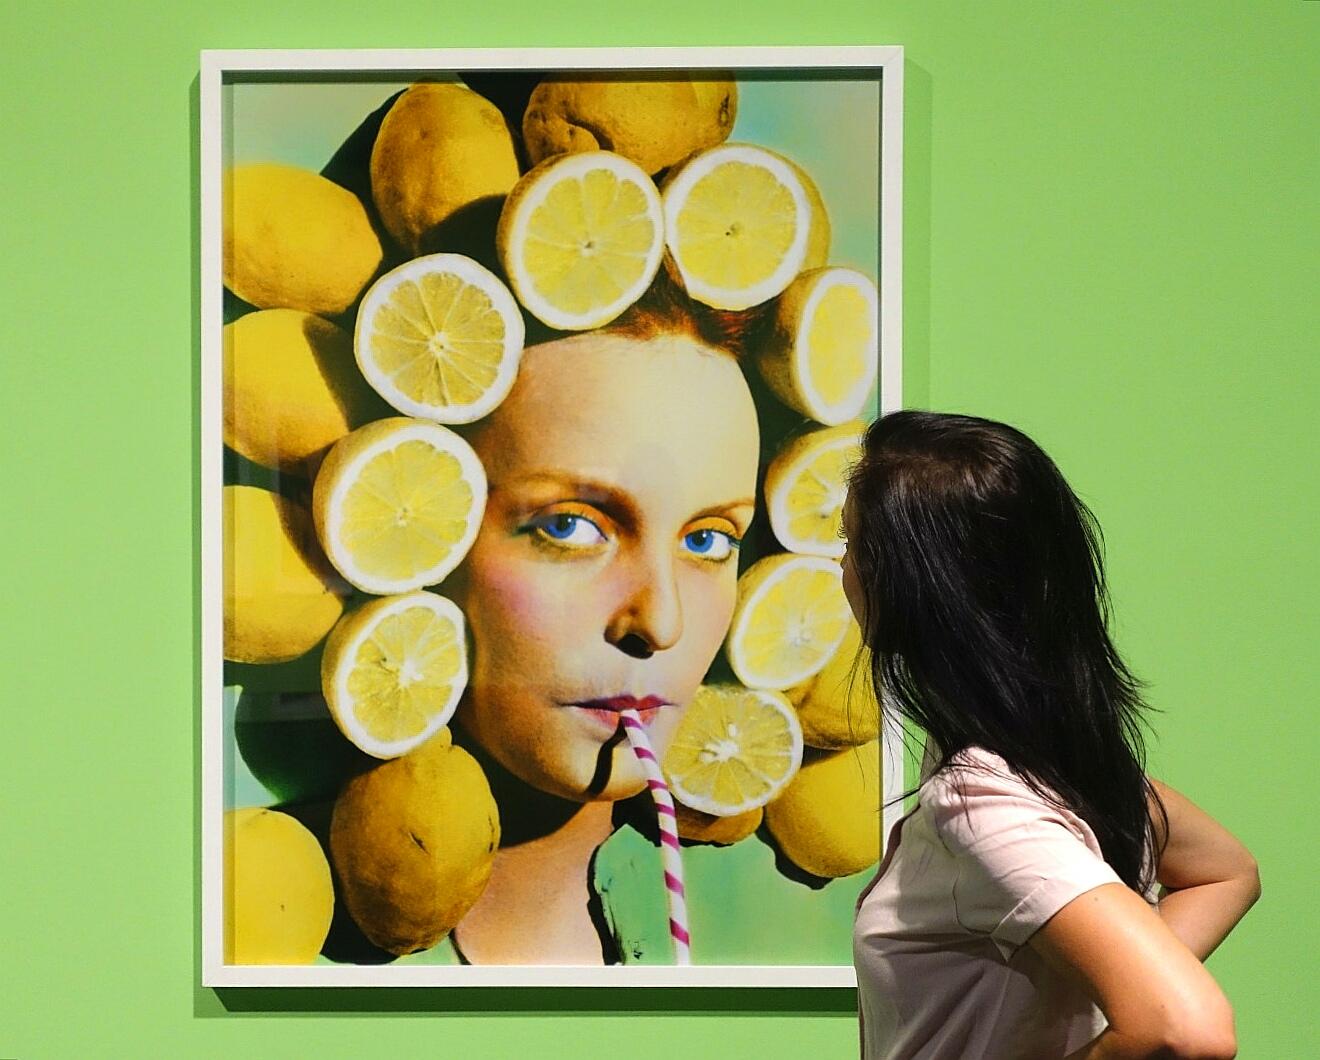 Zitronenkopf